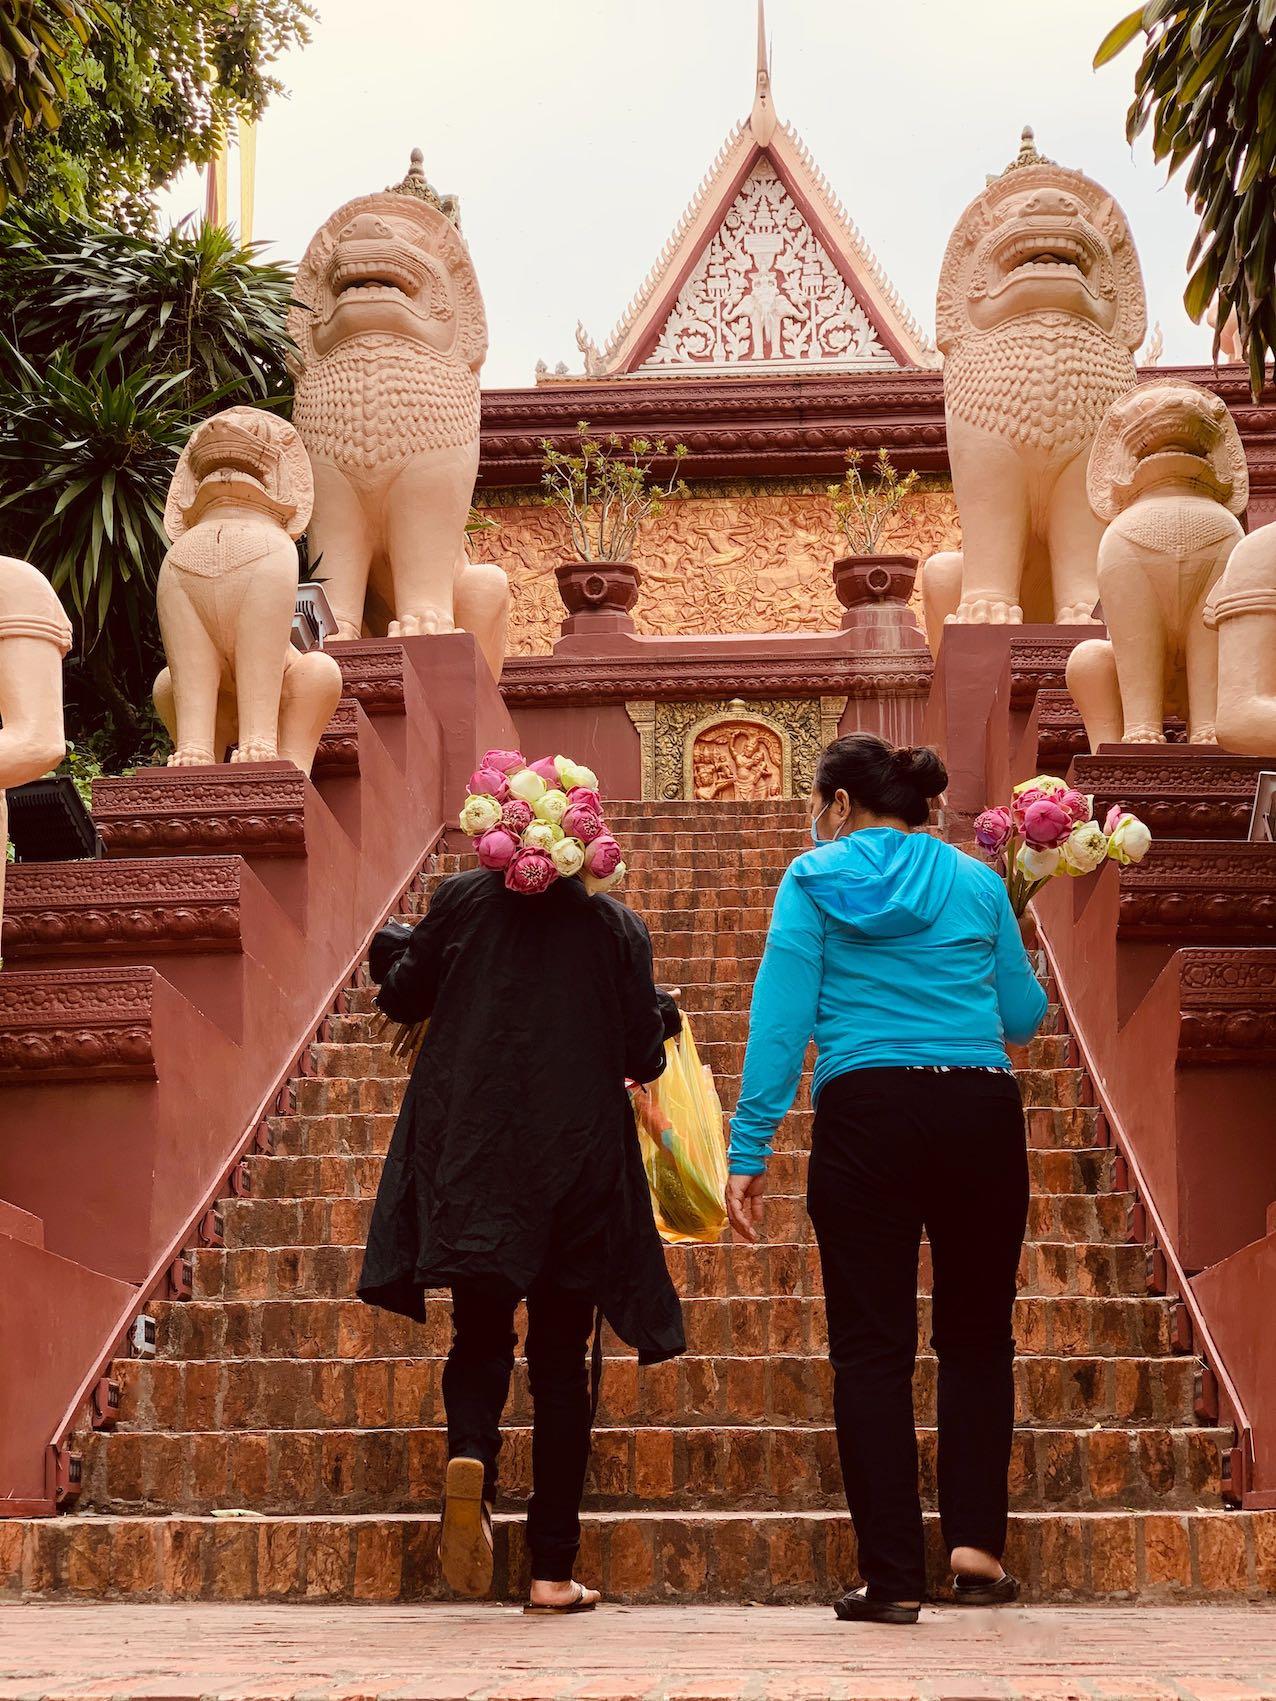 Climbing Wat Phnom in Phnom Penh